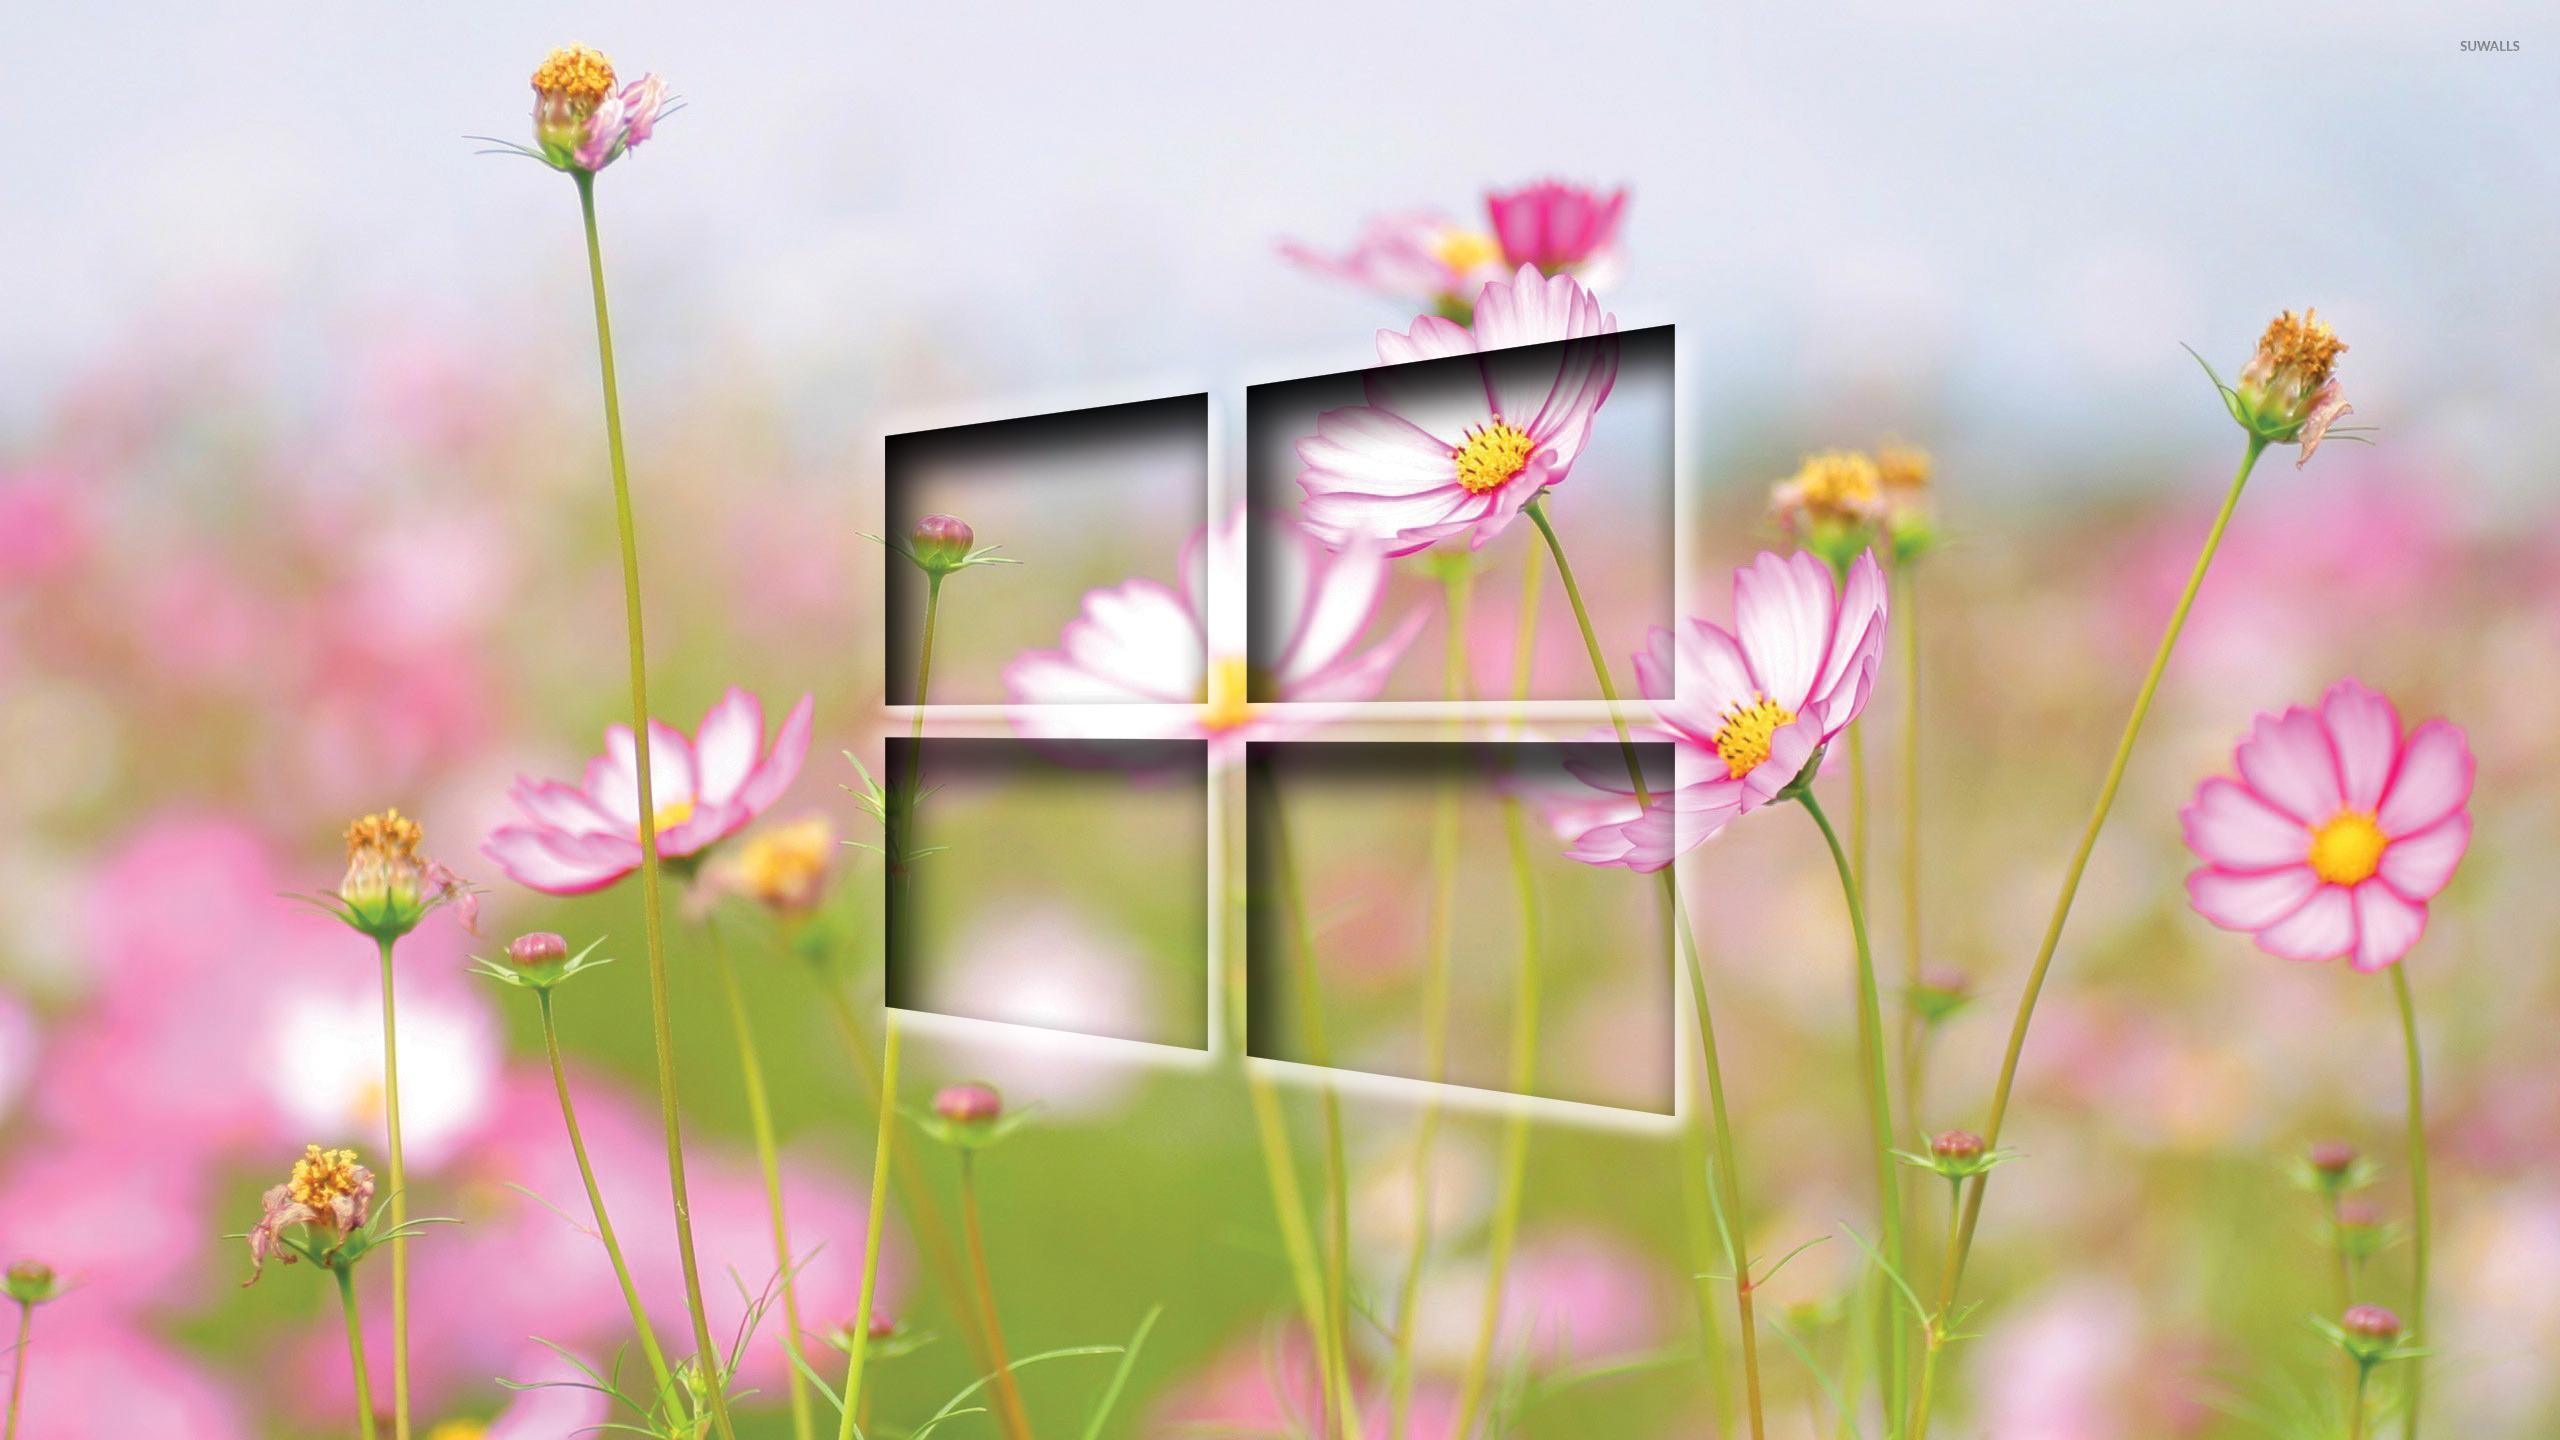 Windows 10 Computer Wallpapers, Desktop Backgrounds | 2560x1440 ...